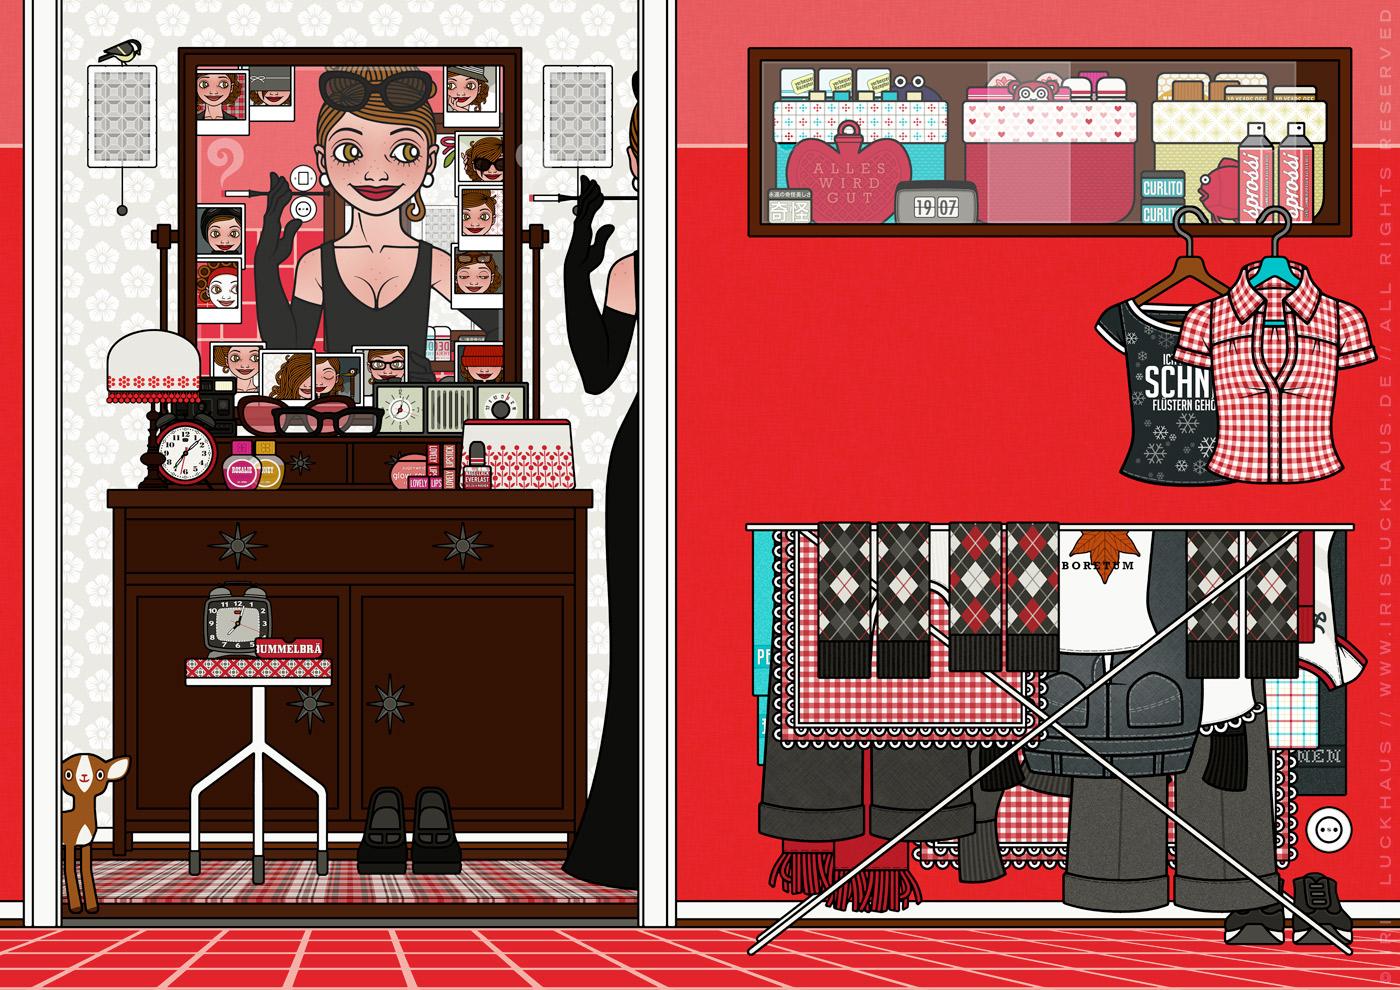 Zeichnung von einem Mädchen, das sich vor dem Spiegel neu erfindet und als Dame im schicken schwarzen Abendkleid mit eleganten Handschuhen wie Holly Golightly eine mondäne Zigarettenspitze hält, für Lily Lux von Iris Luckhaus